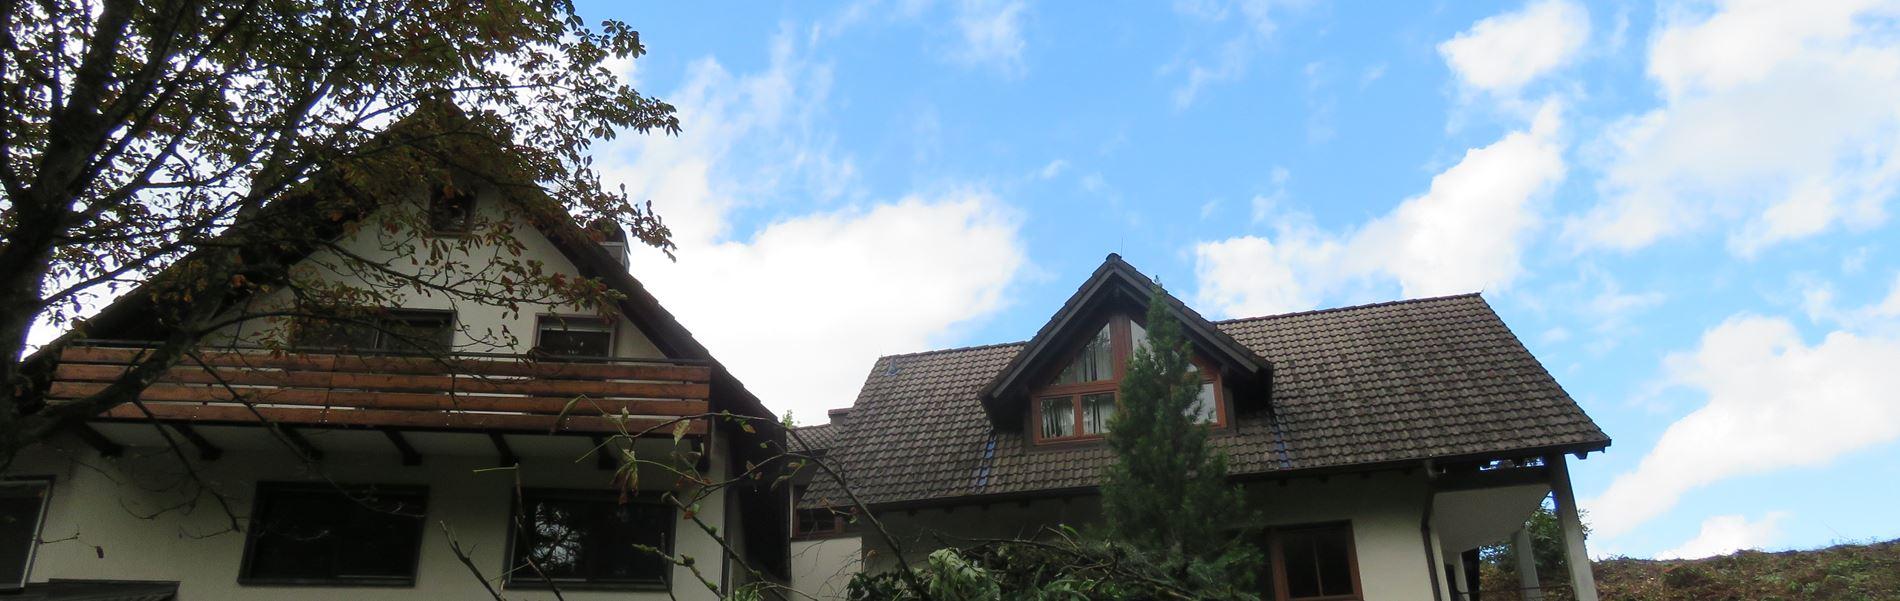 Wohnung 14 Wohnpark Schwarzwald